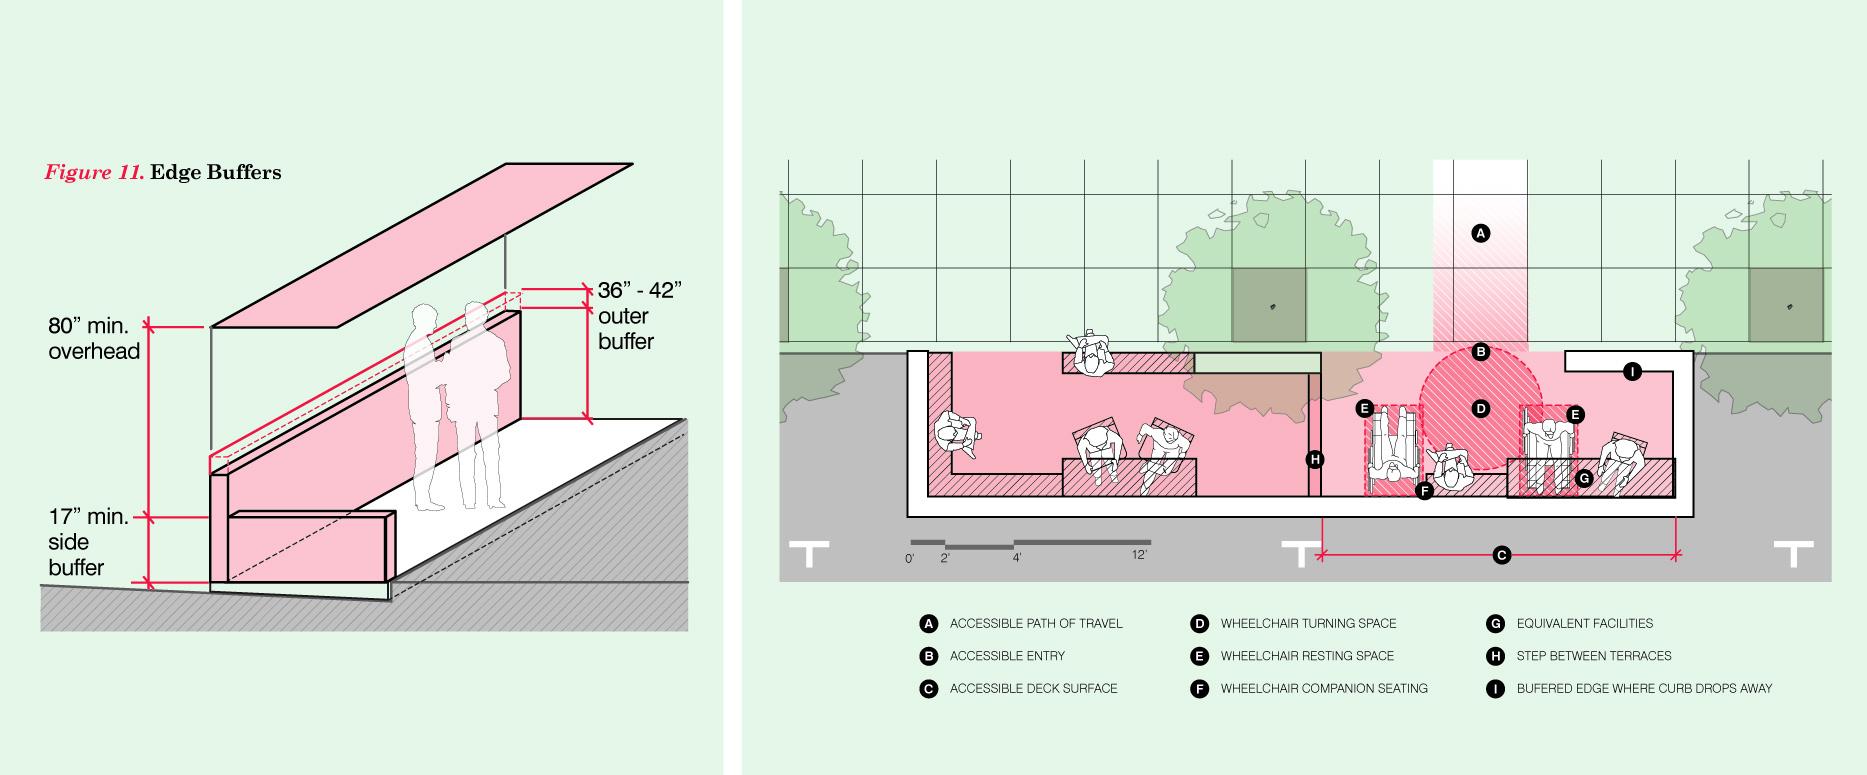 各部位の基準が定められており、誰でも使いやすい空間を実現している。(San Francisco Parklet Manual v.2より)